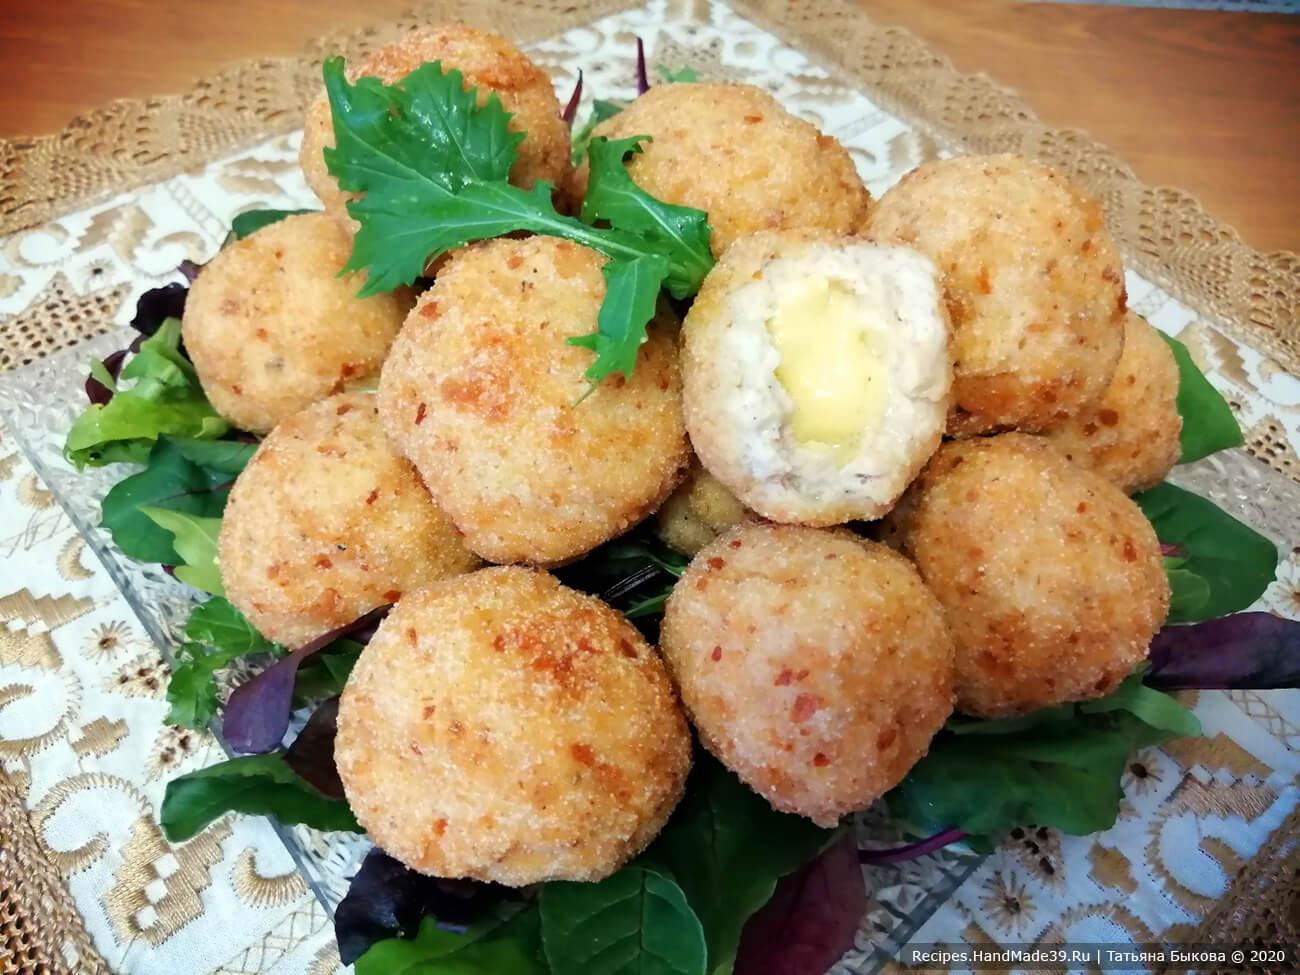 Готовые куриные шарики выложить на лист салата или на микс салатов, приятного аппетита!